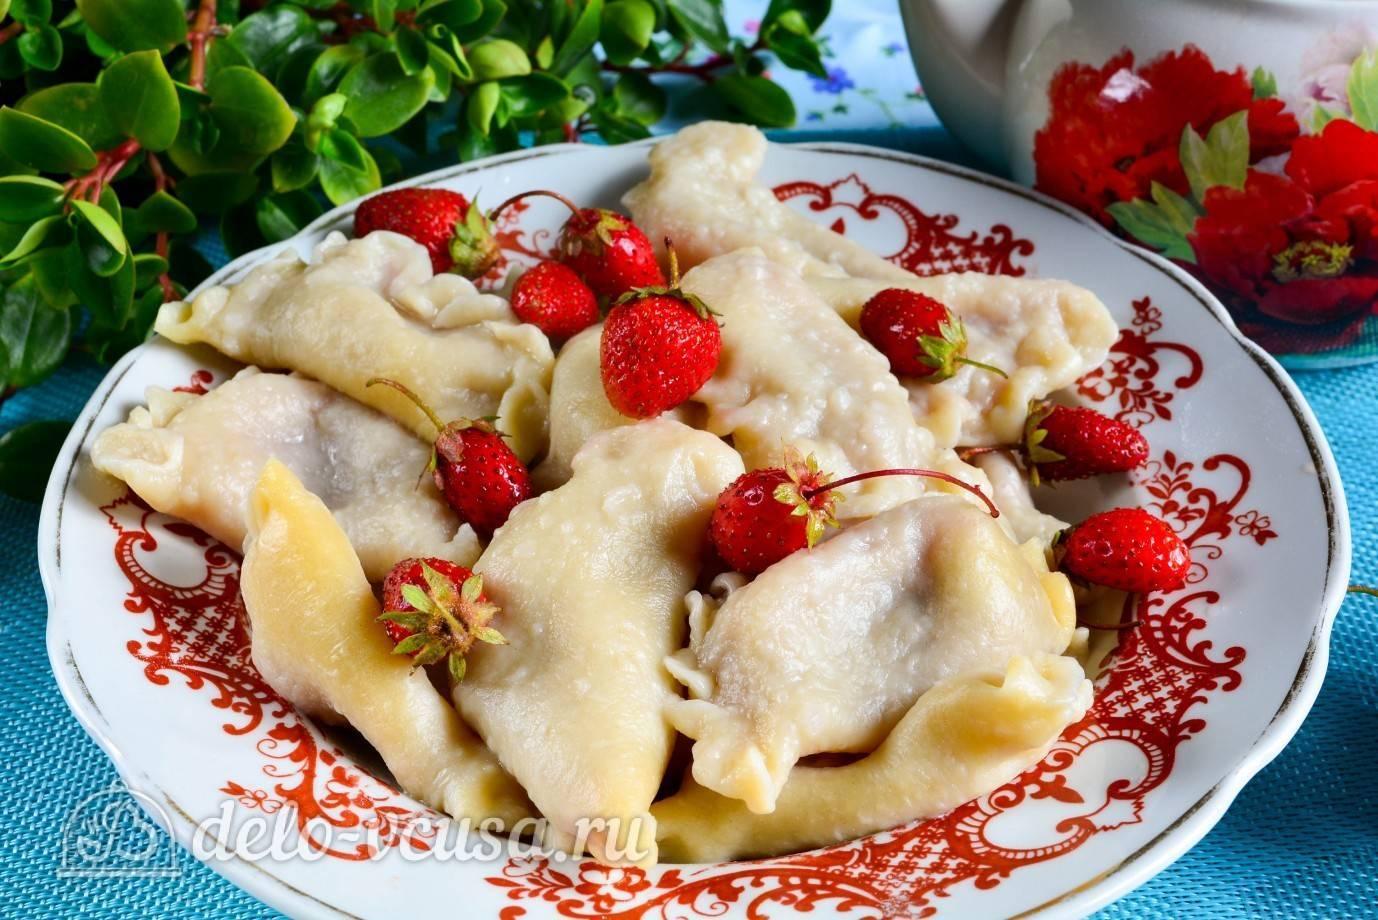 Вареники с вишней. пошаговые рецепты приготовления со свежей или замороженной вишней